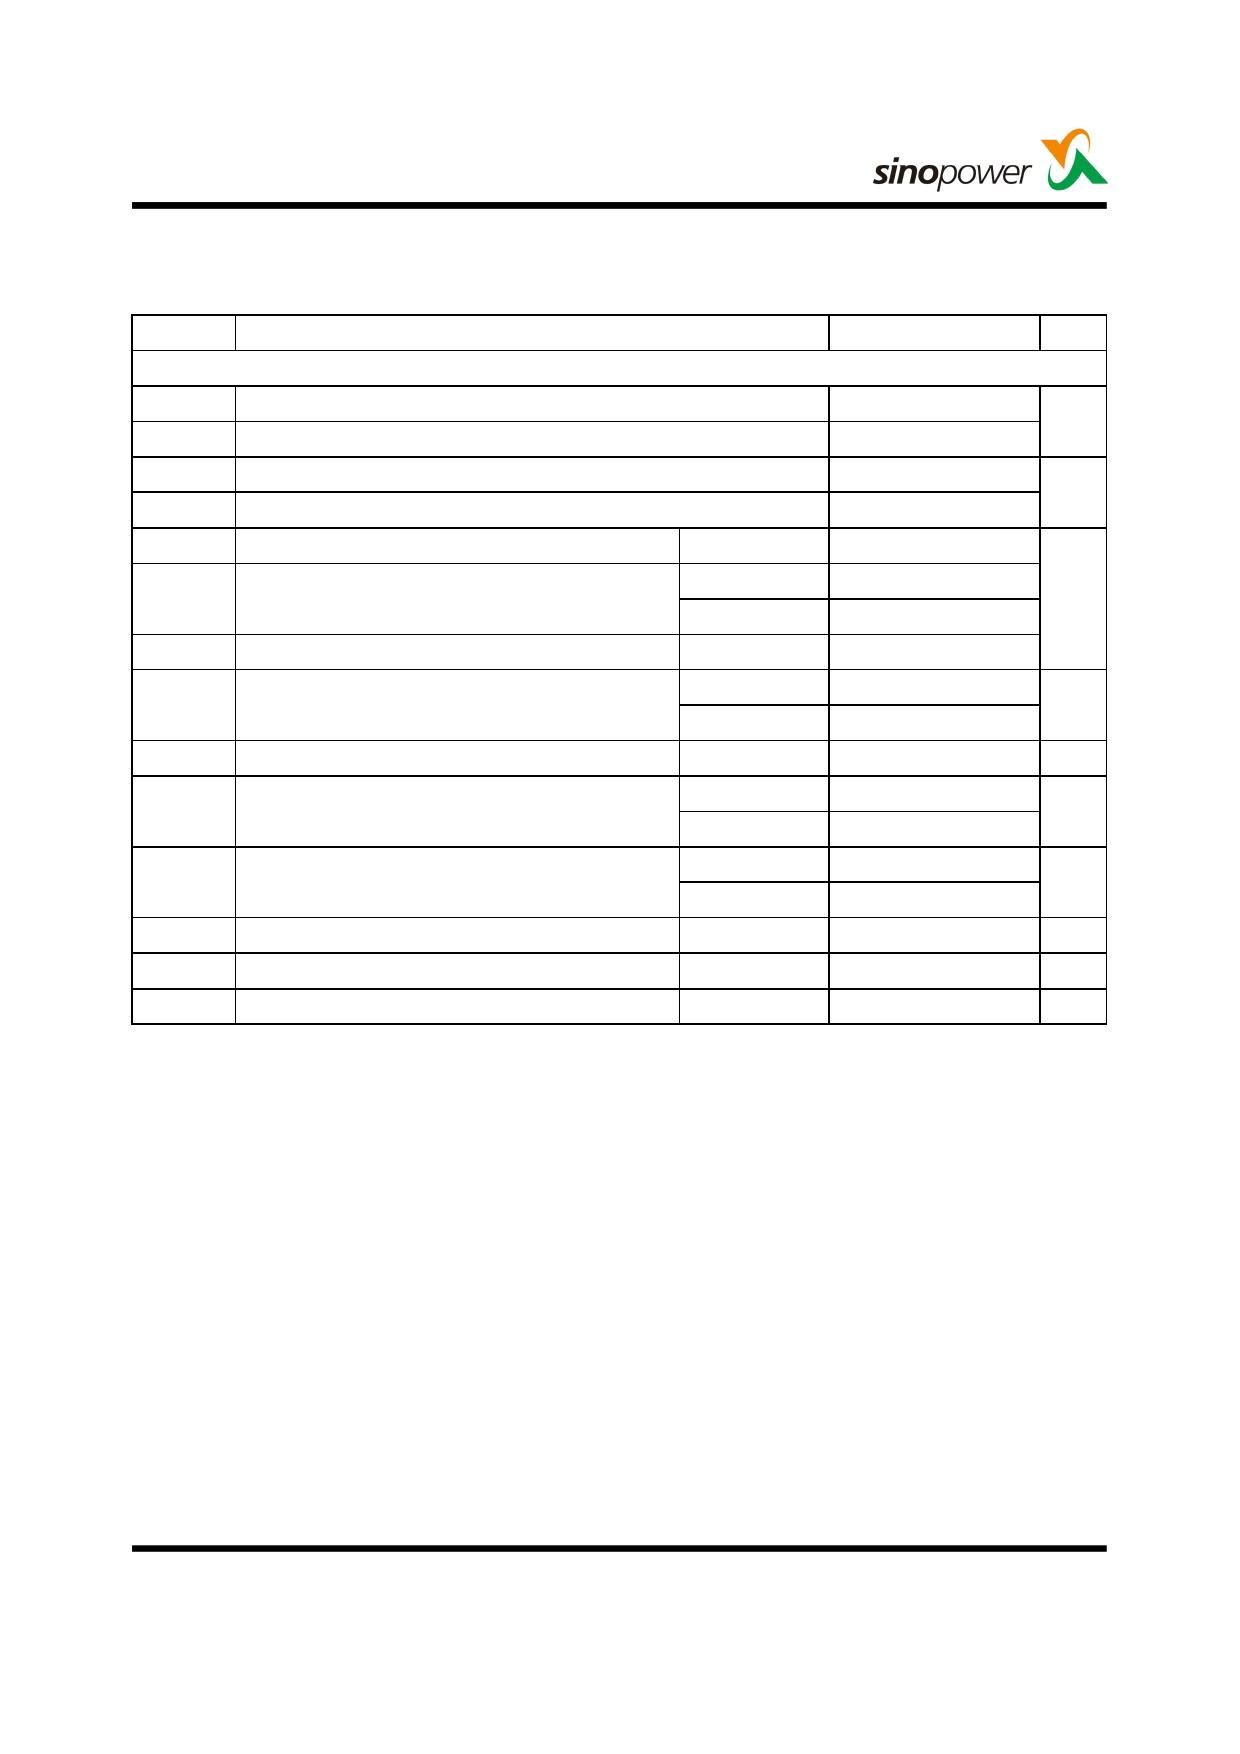 SM7575NSFH pdf